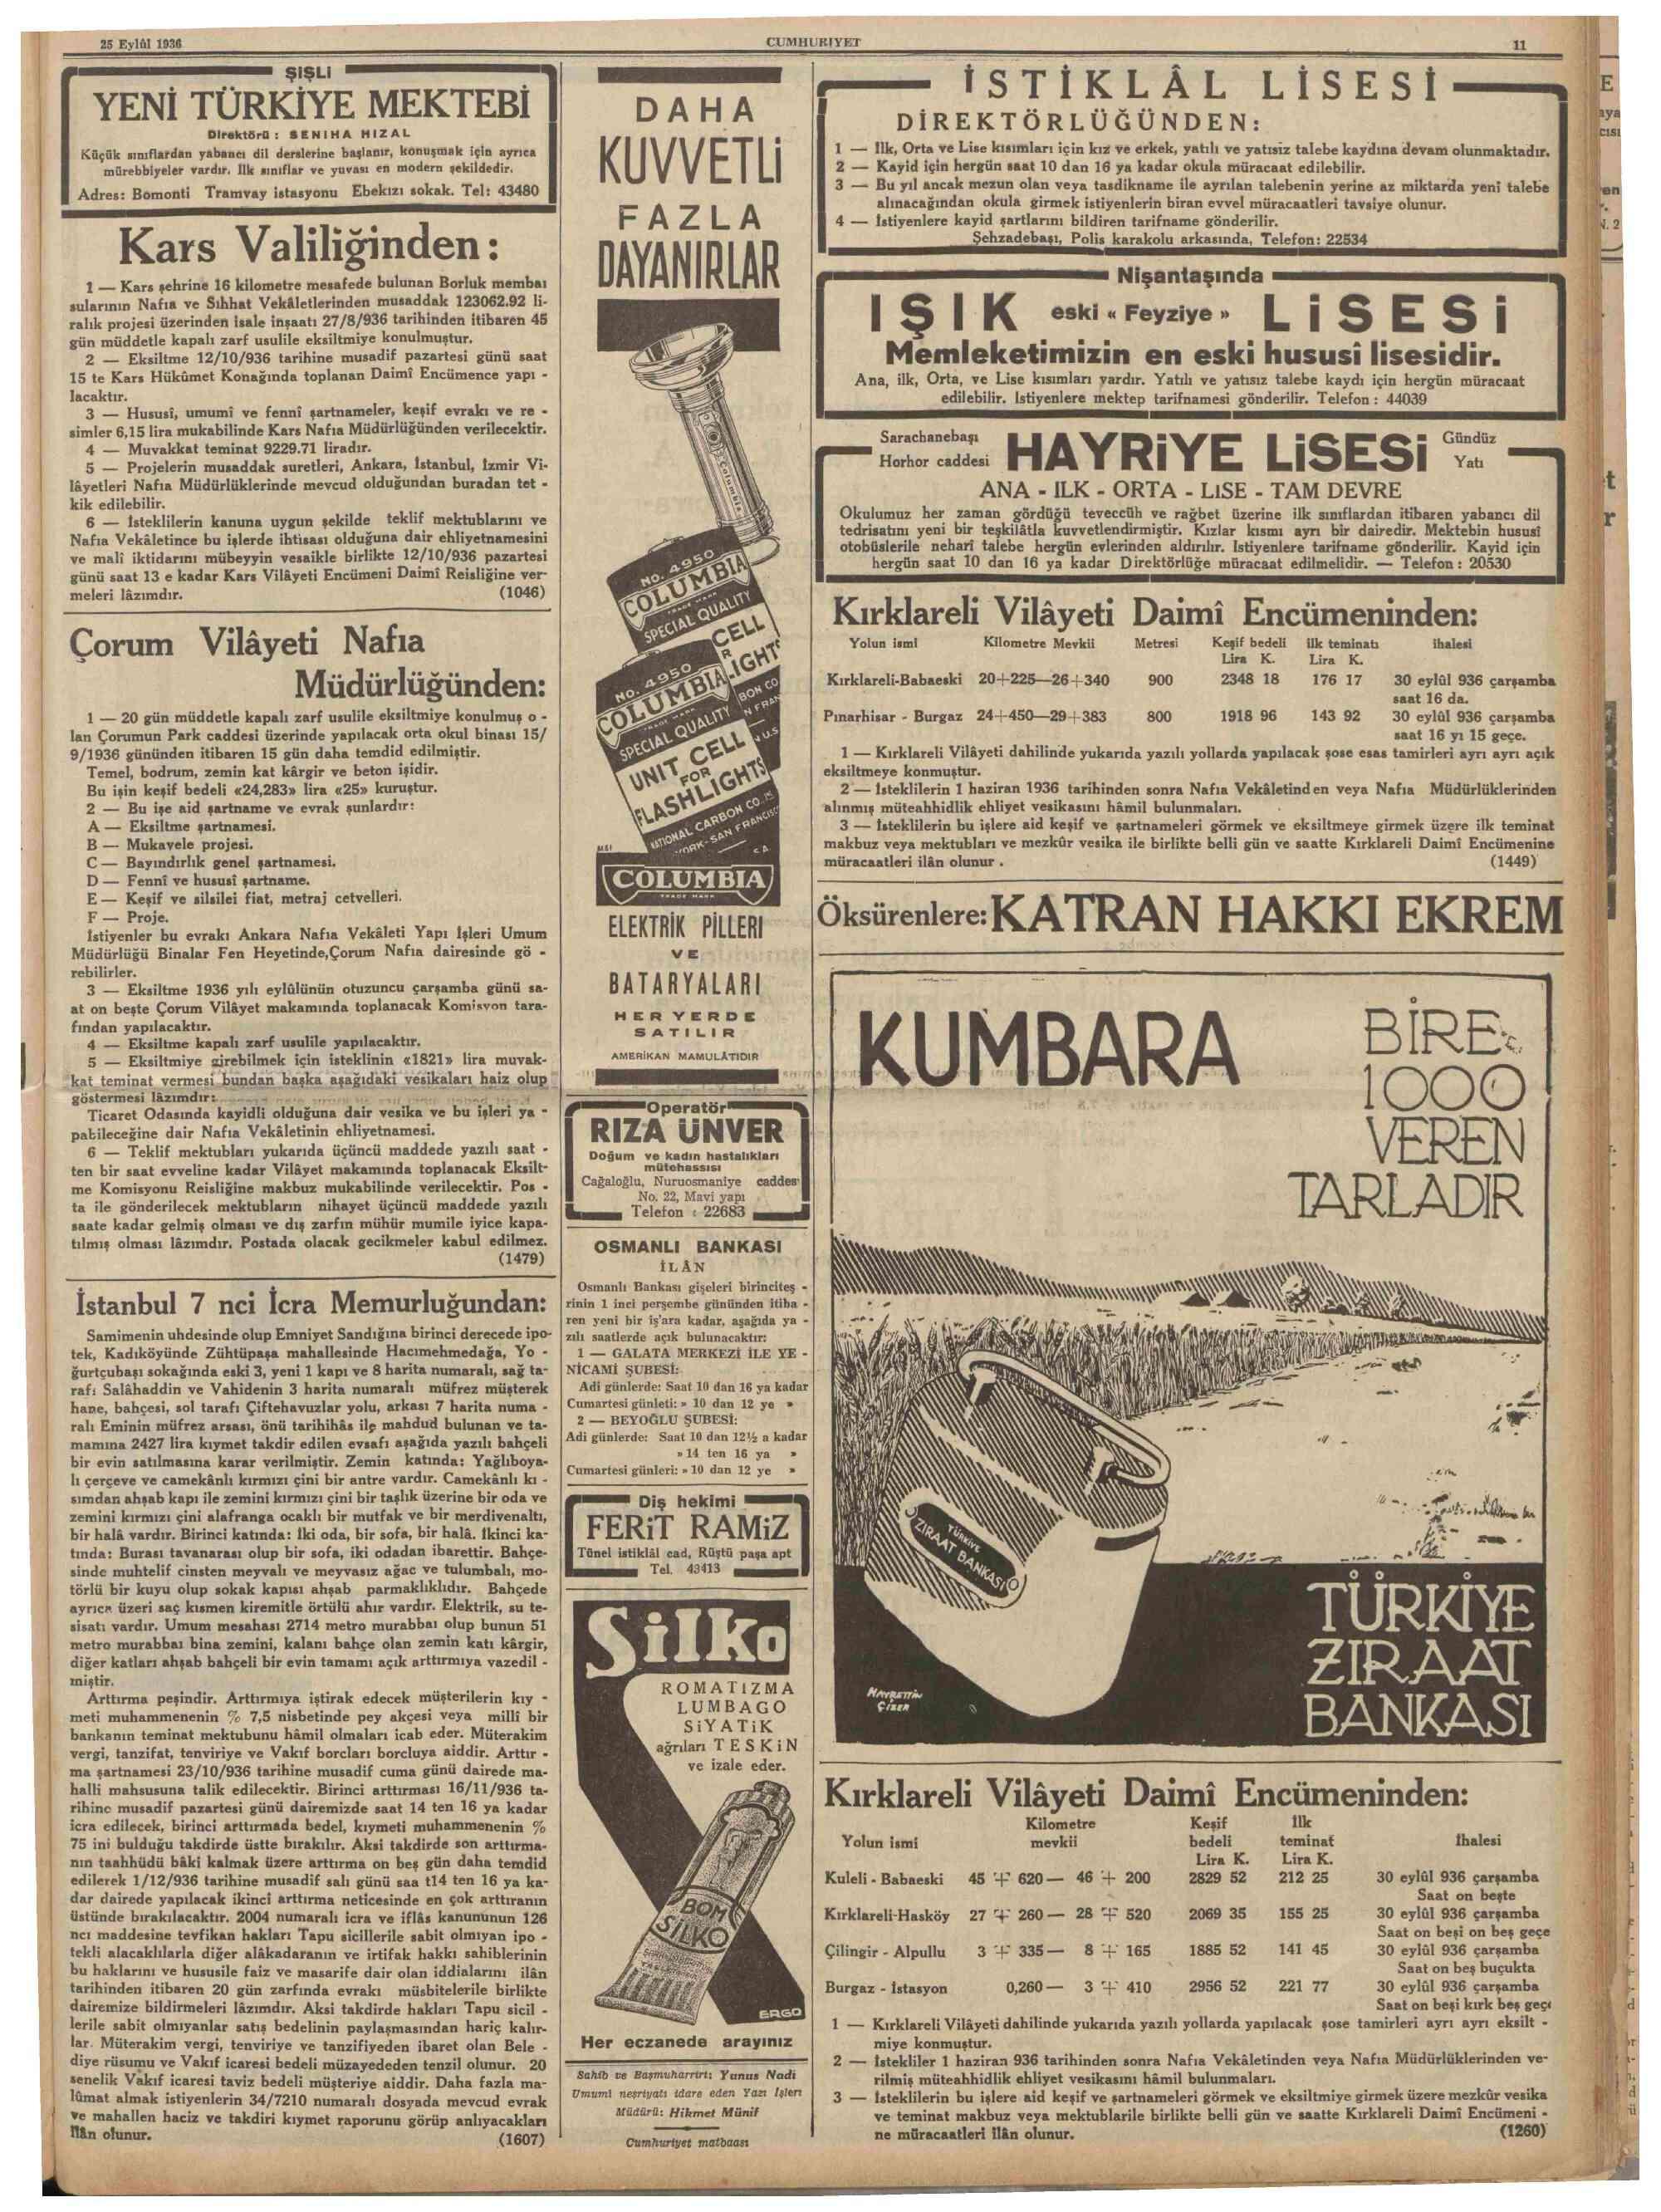 25 Eylül 1936 Tarihli Cumhuriyet Dergisi Sayfa 11